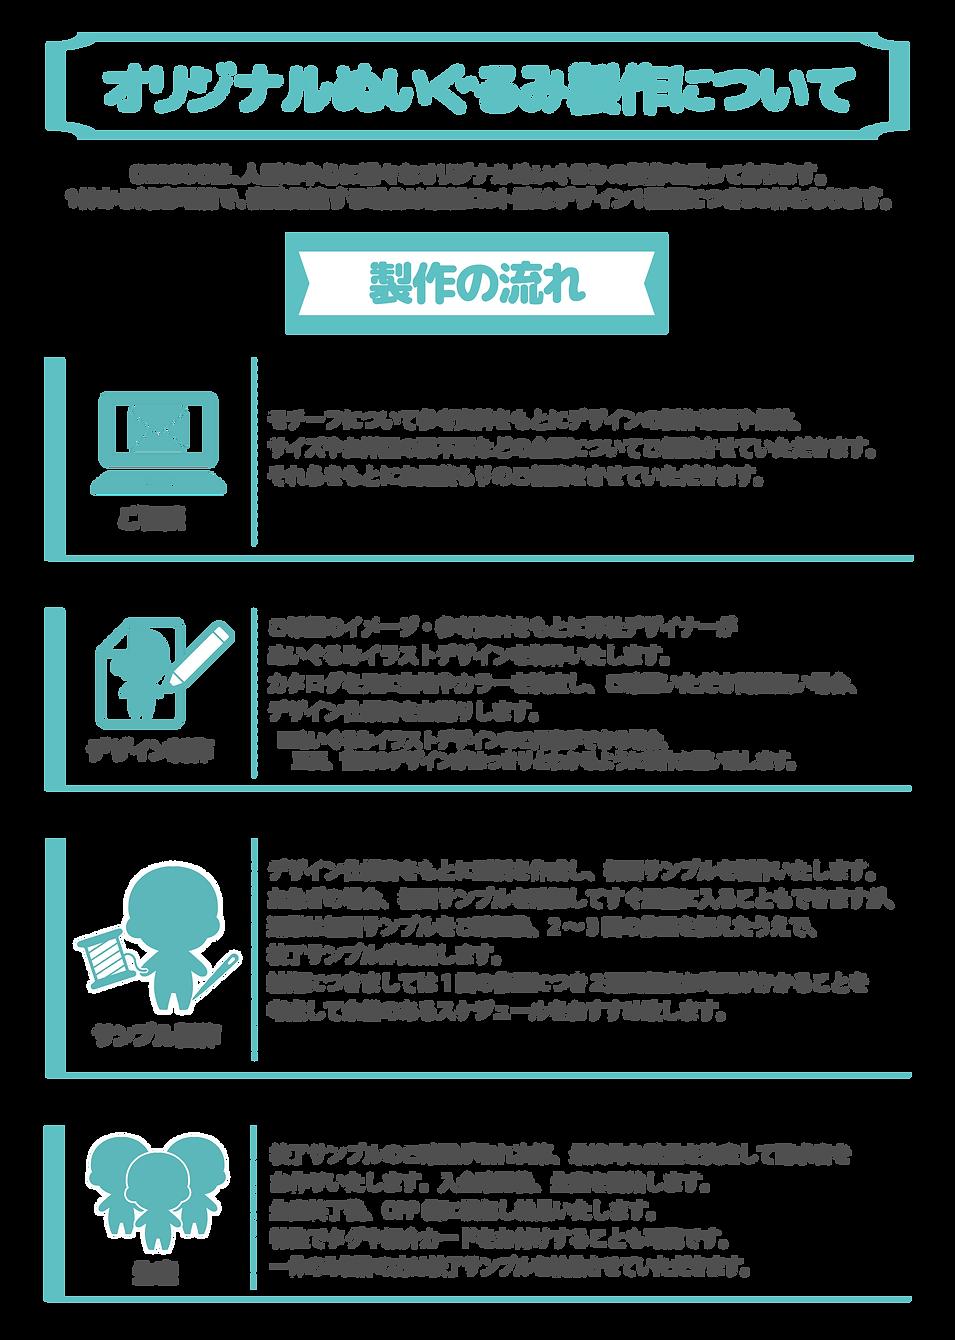 ぬいぐるみ製作サービス資料_アートボード 1.png